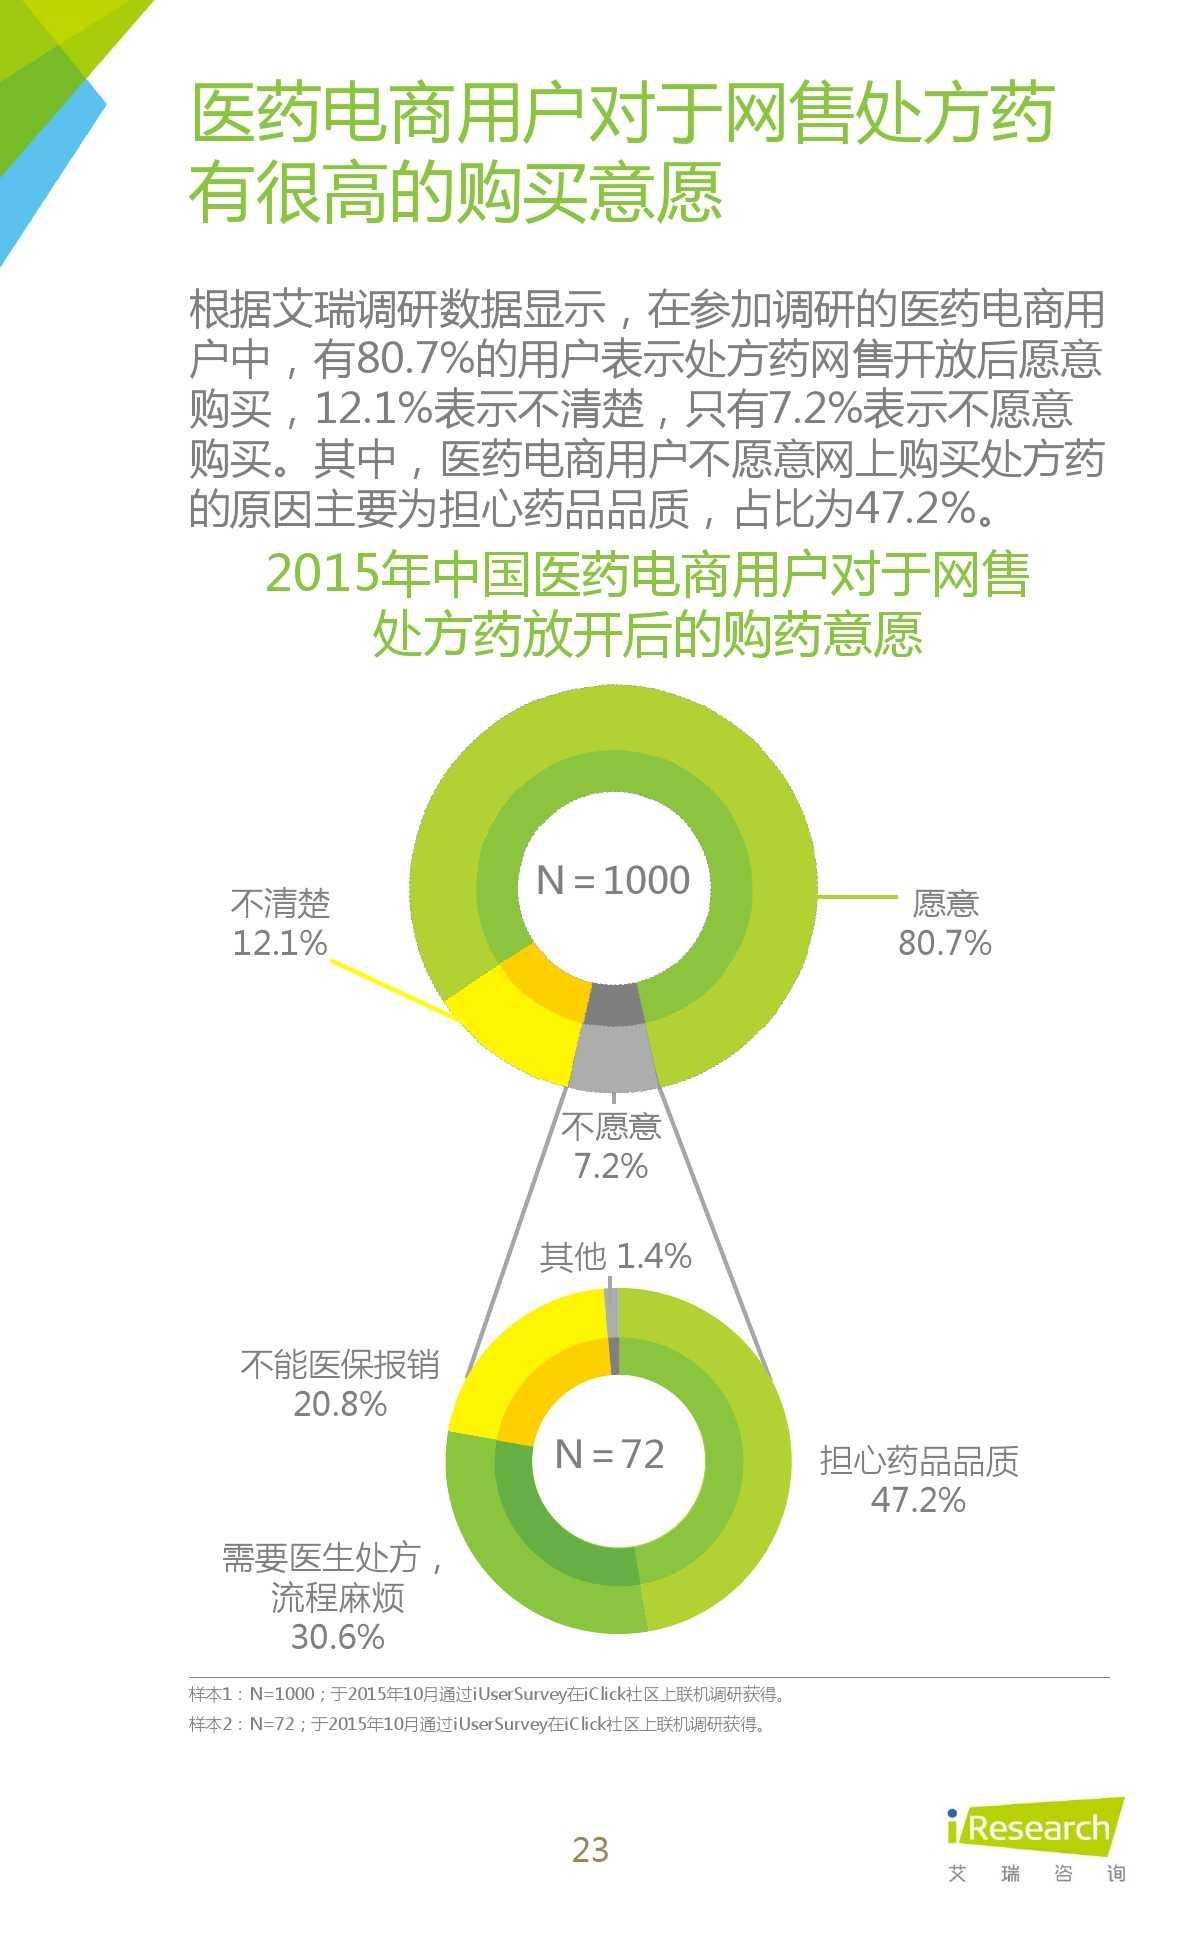 2015年中国医药电商用户行为研究报告_000023